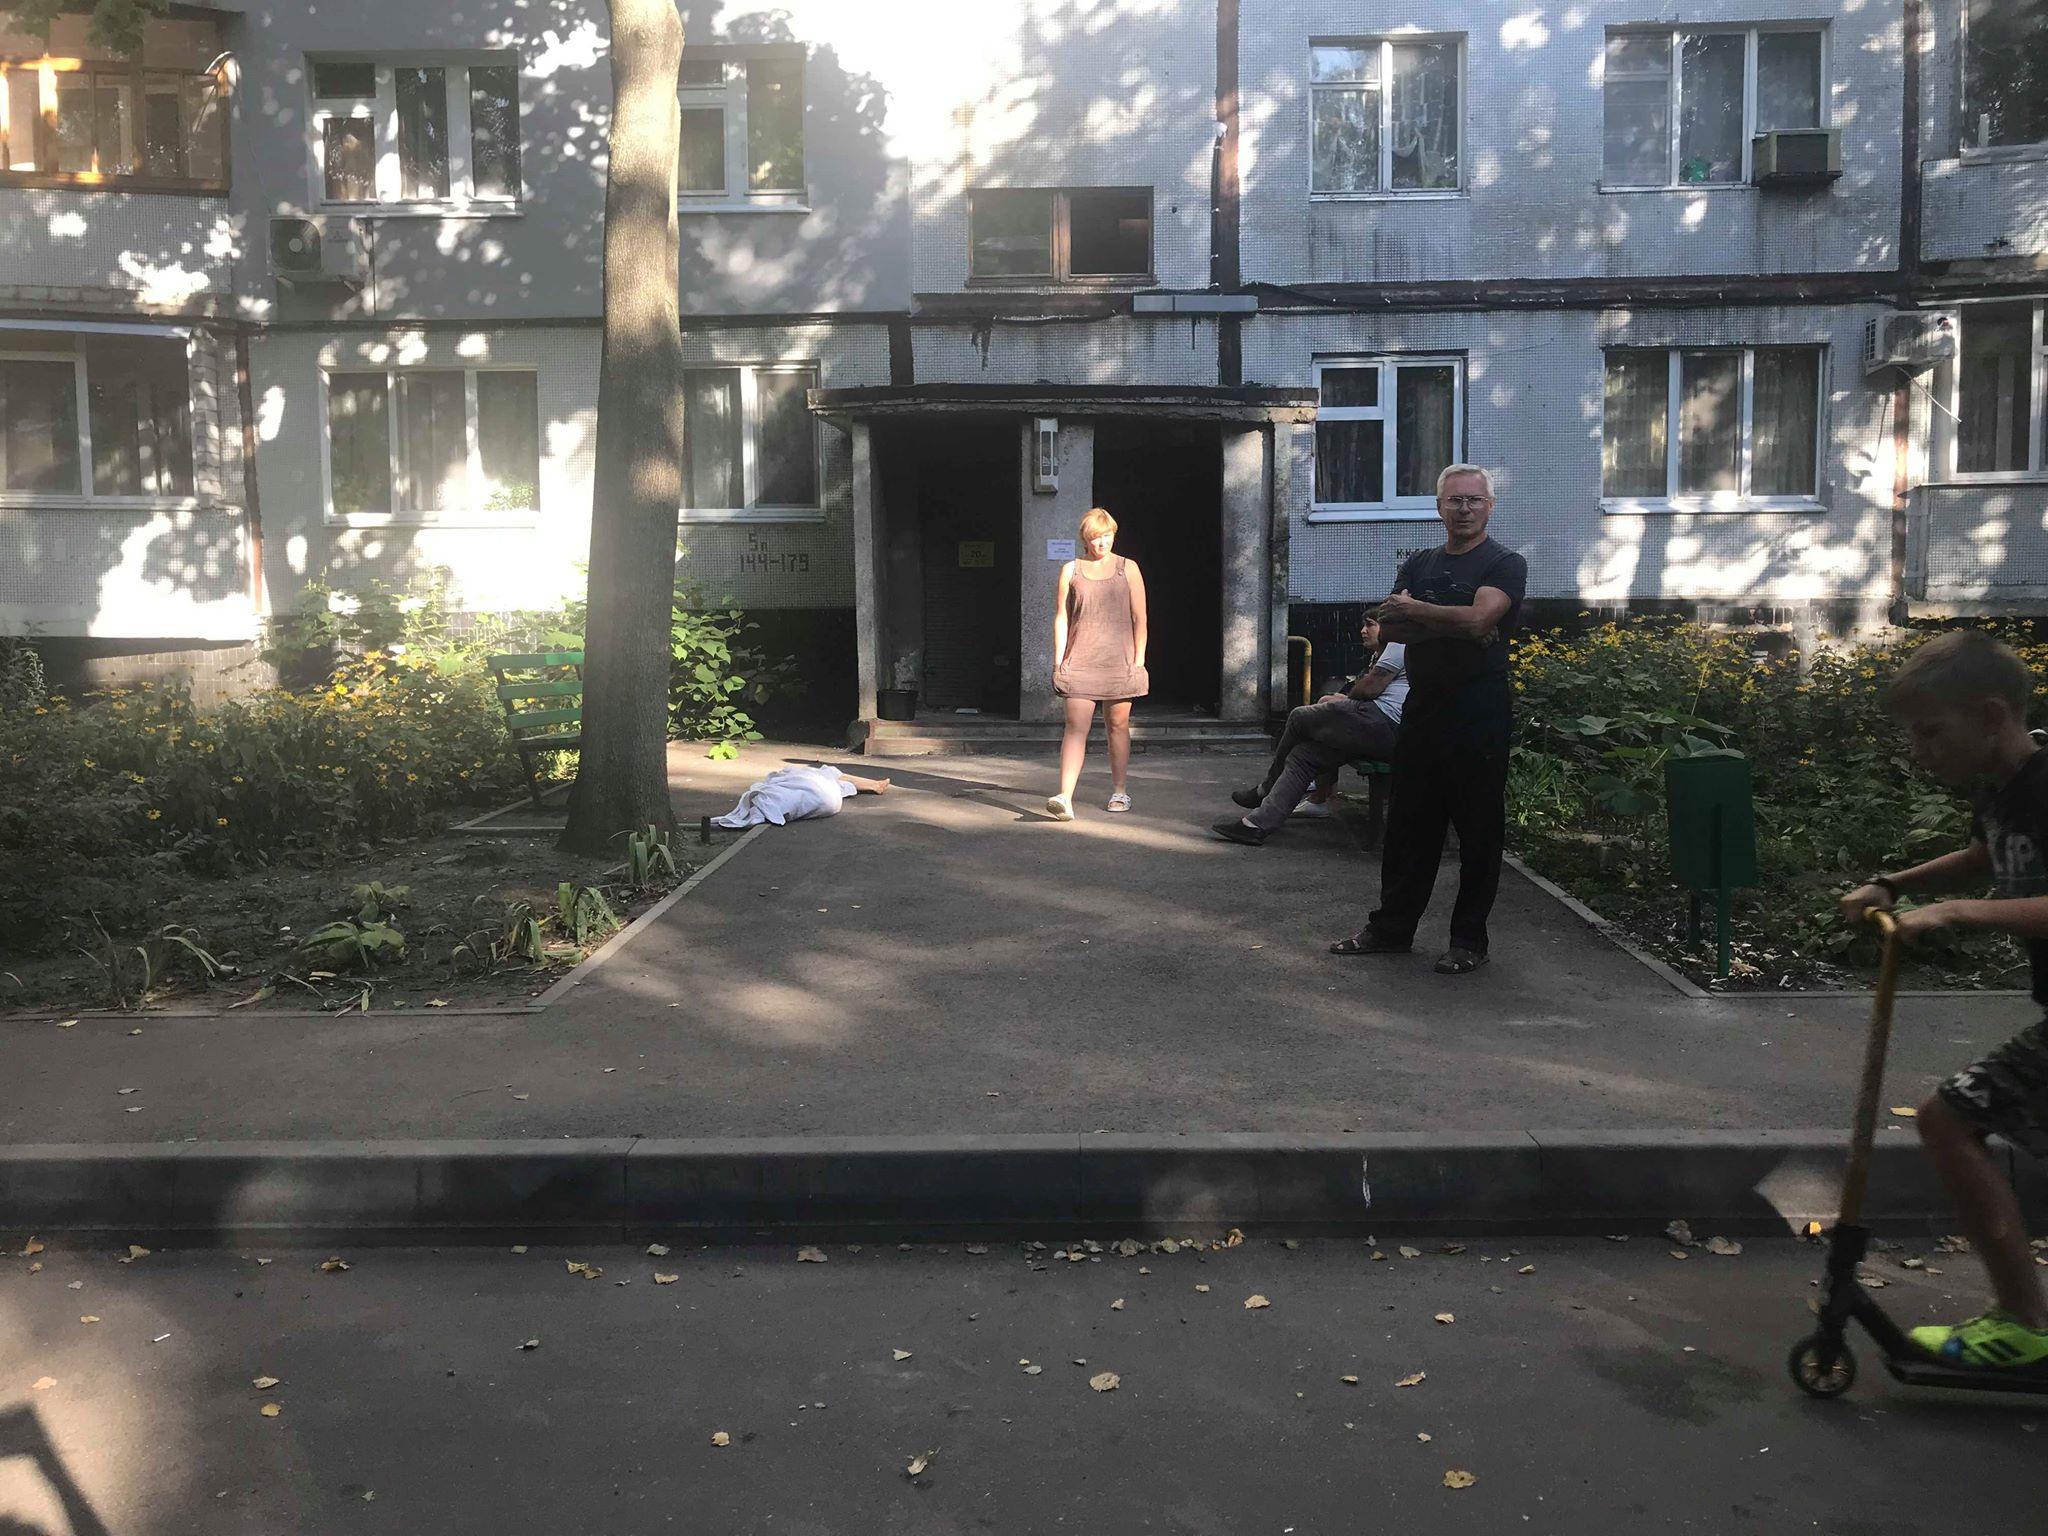 В Харькове парень упал с 9 этажа и погиб